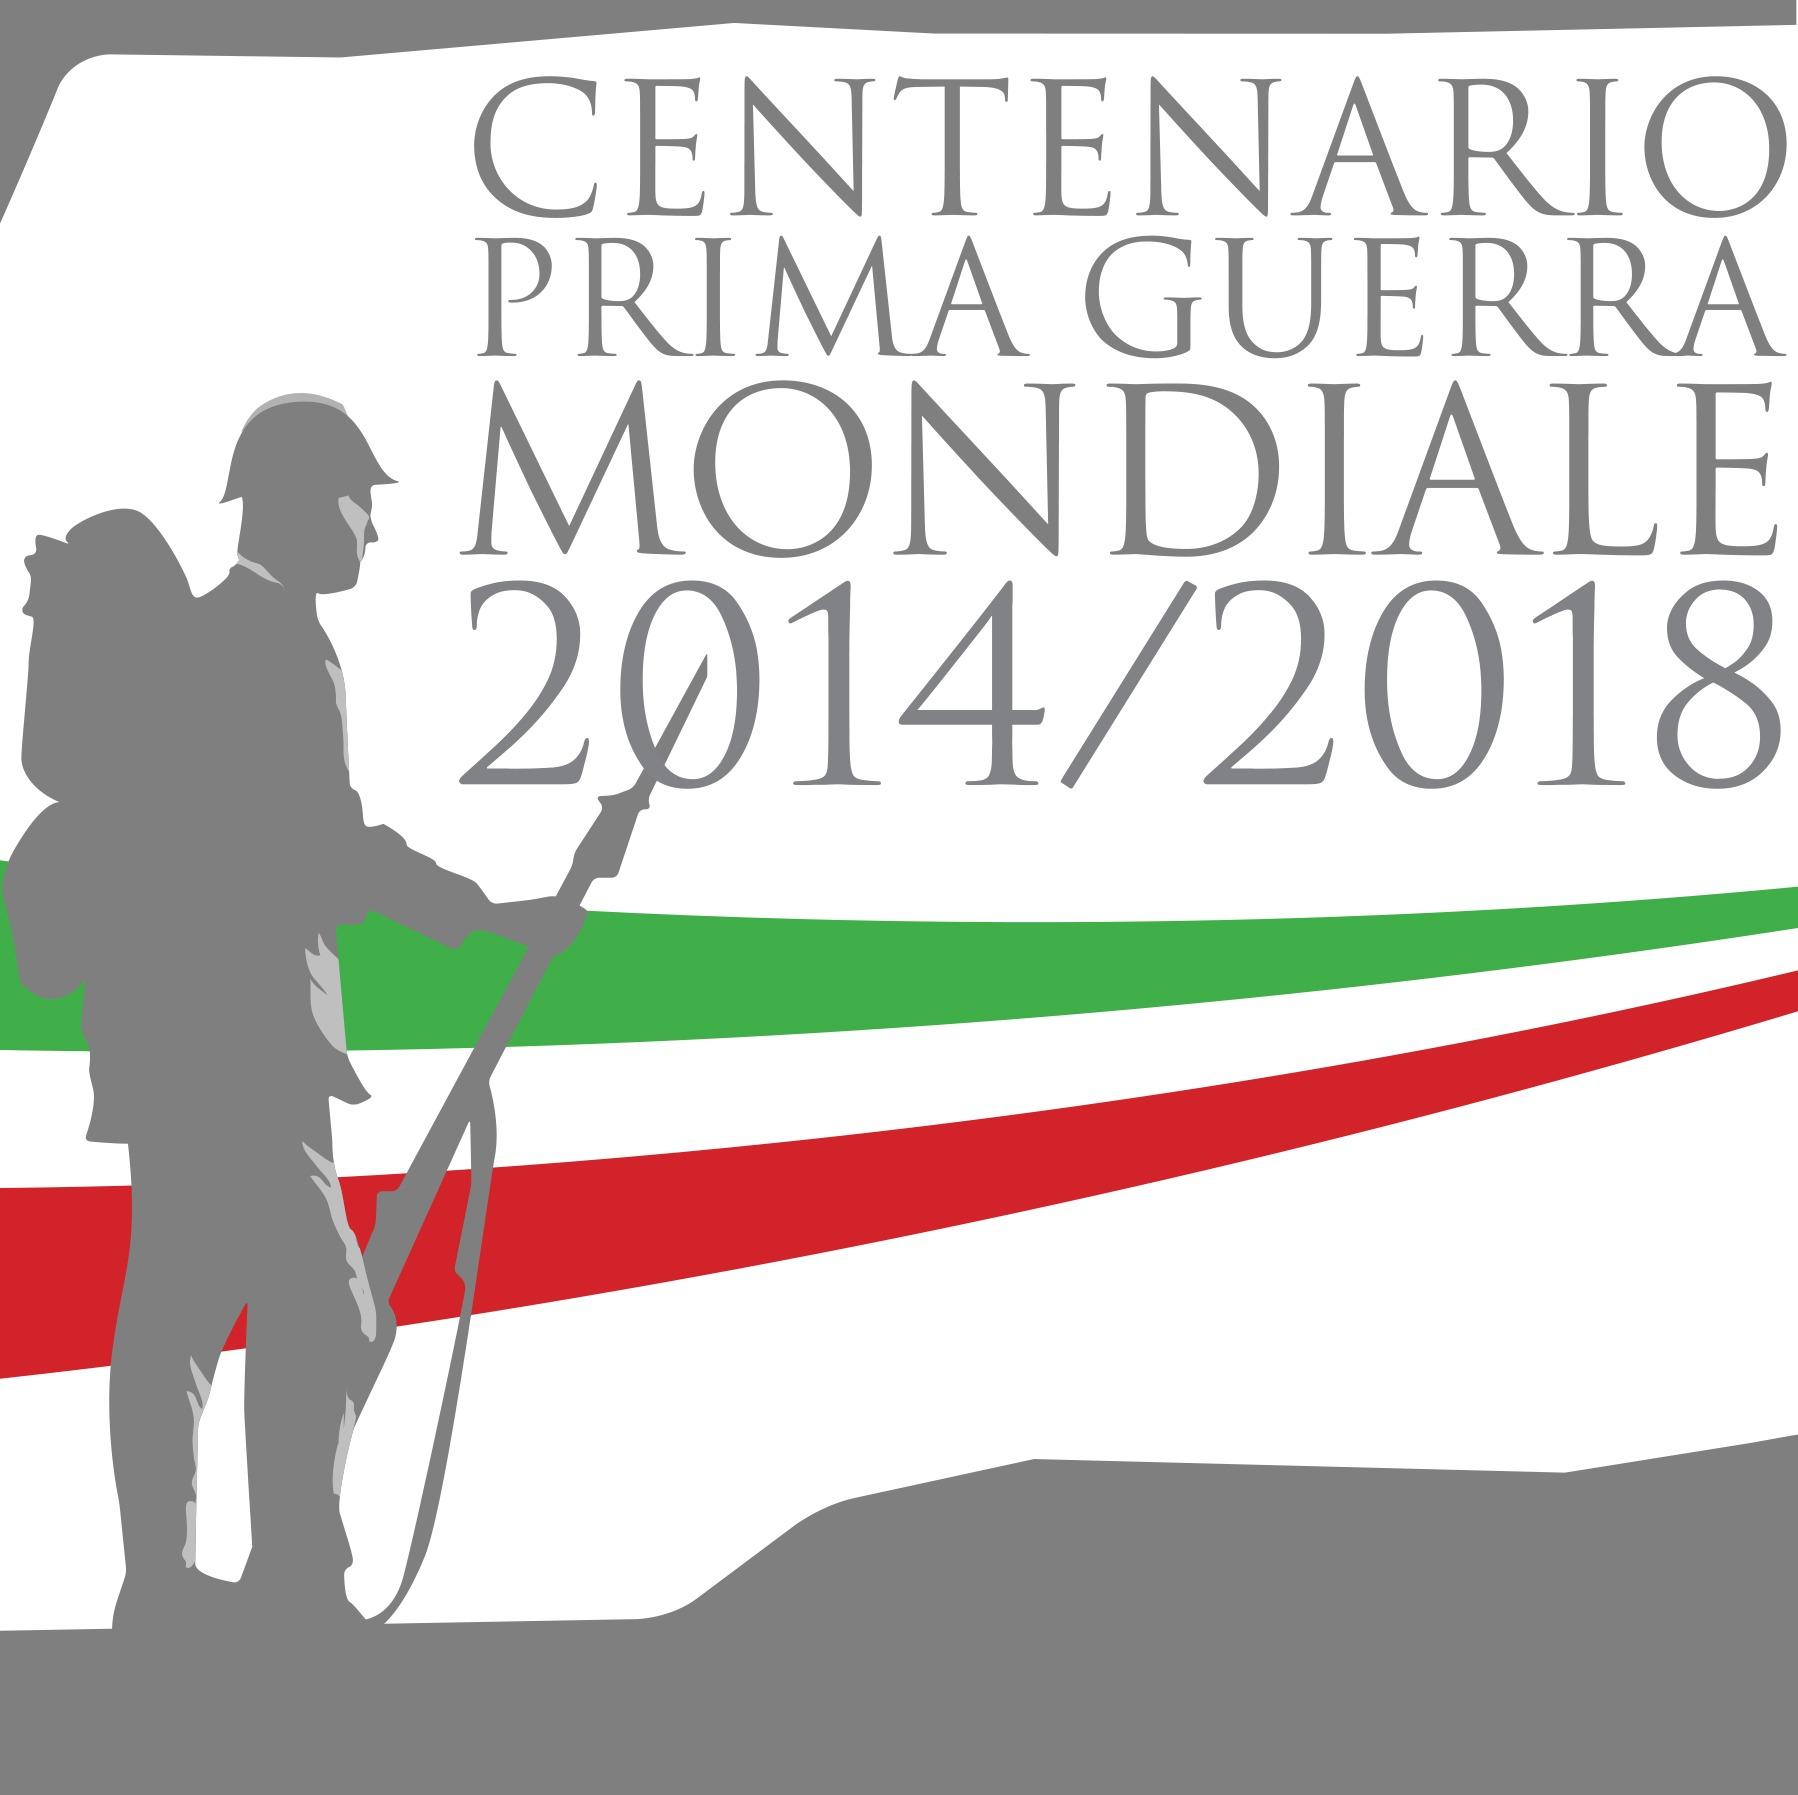 logo-centenario-prima-guerra-mondiale-1